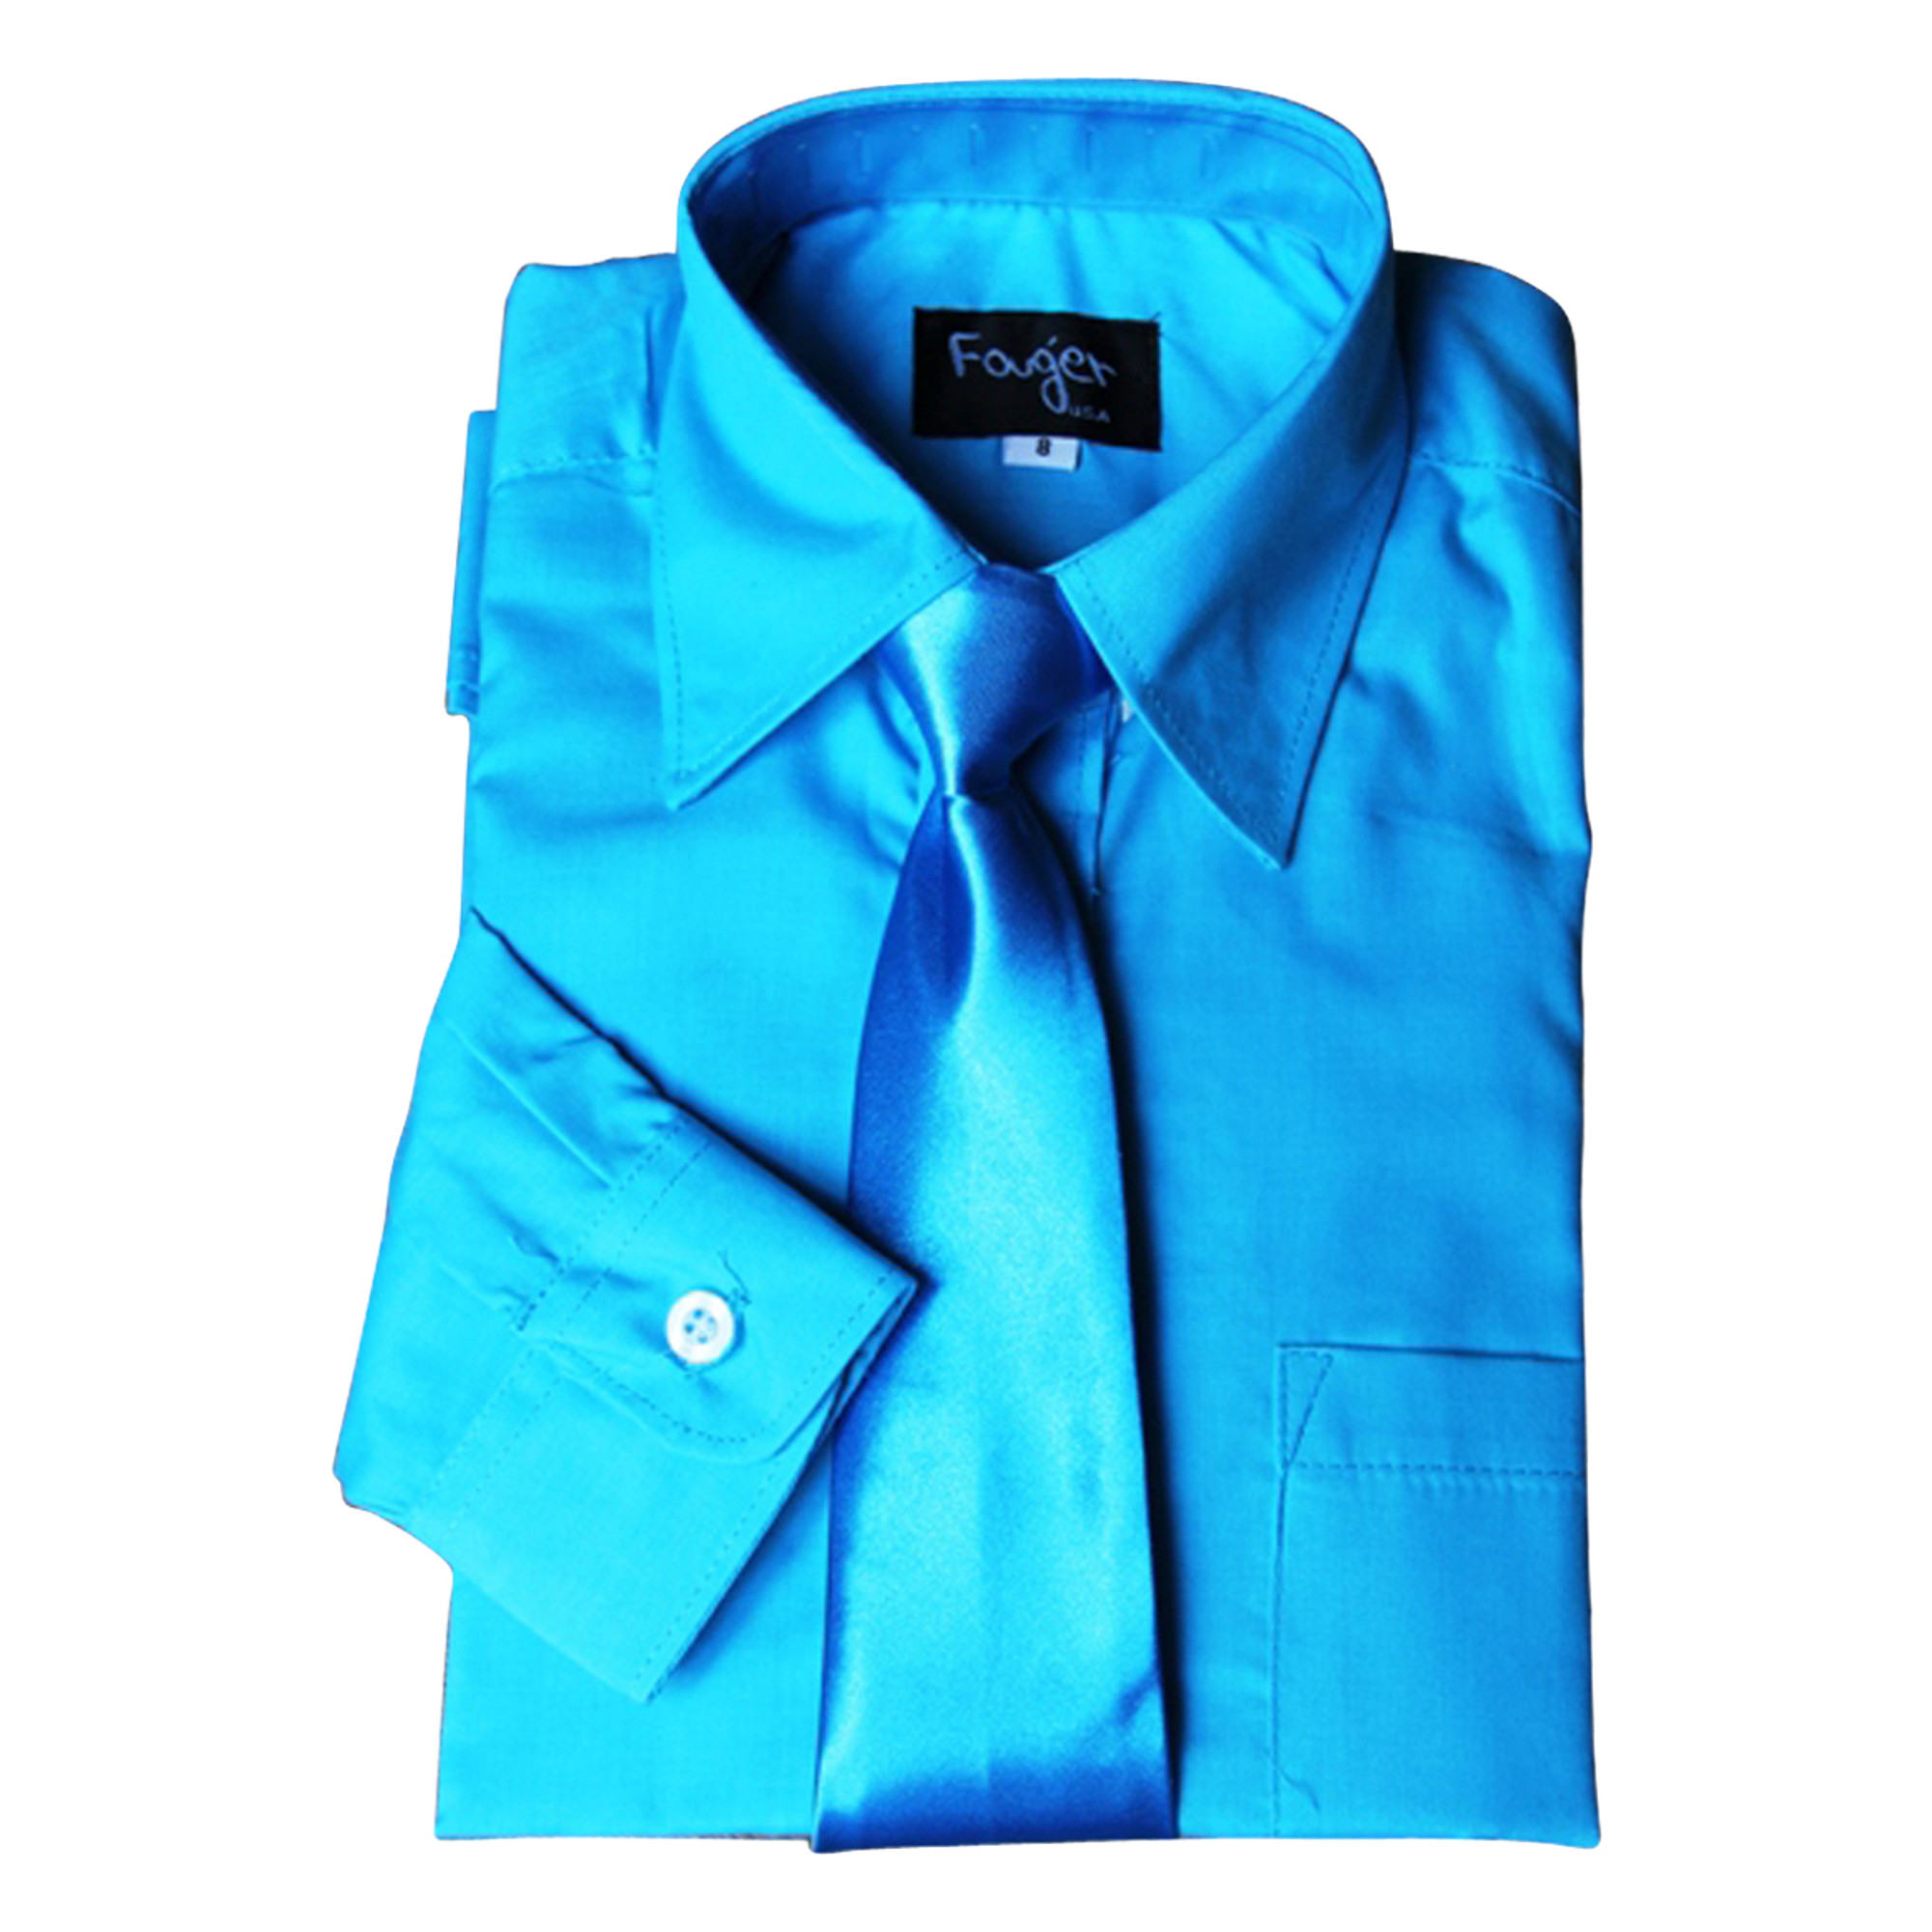 BIMARO Jungen Kinderhemd mit seidener  Krawatte türkis blau klassisch Hemd langarm festlich Weihnachten Hochzeit Kommunion Taufe